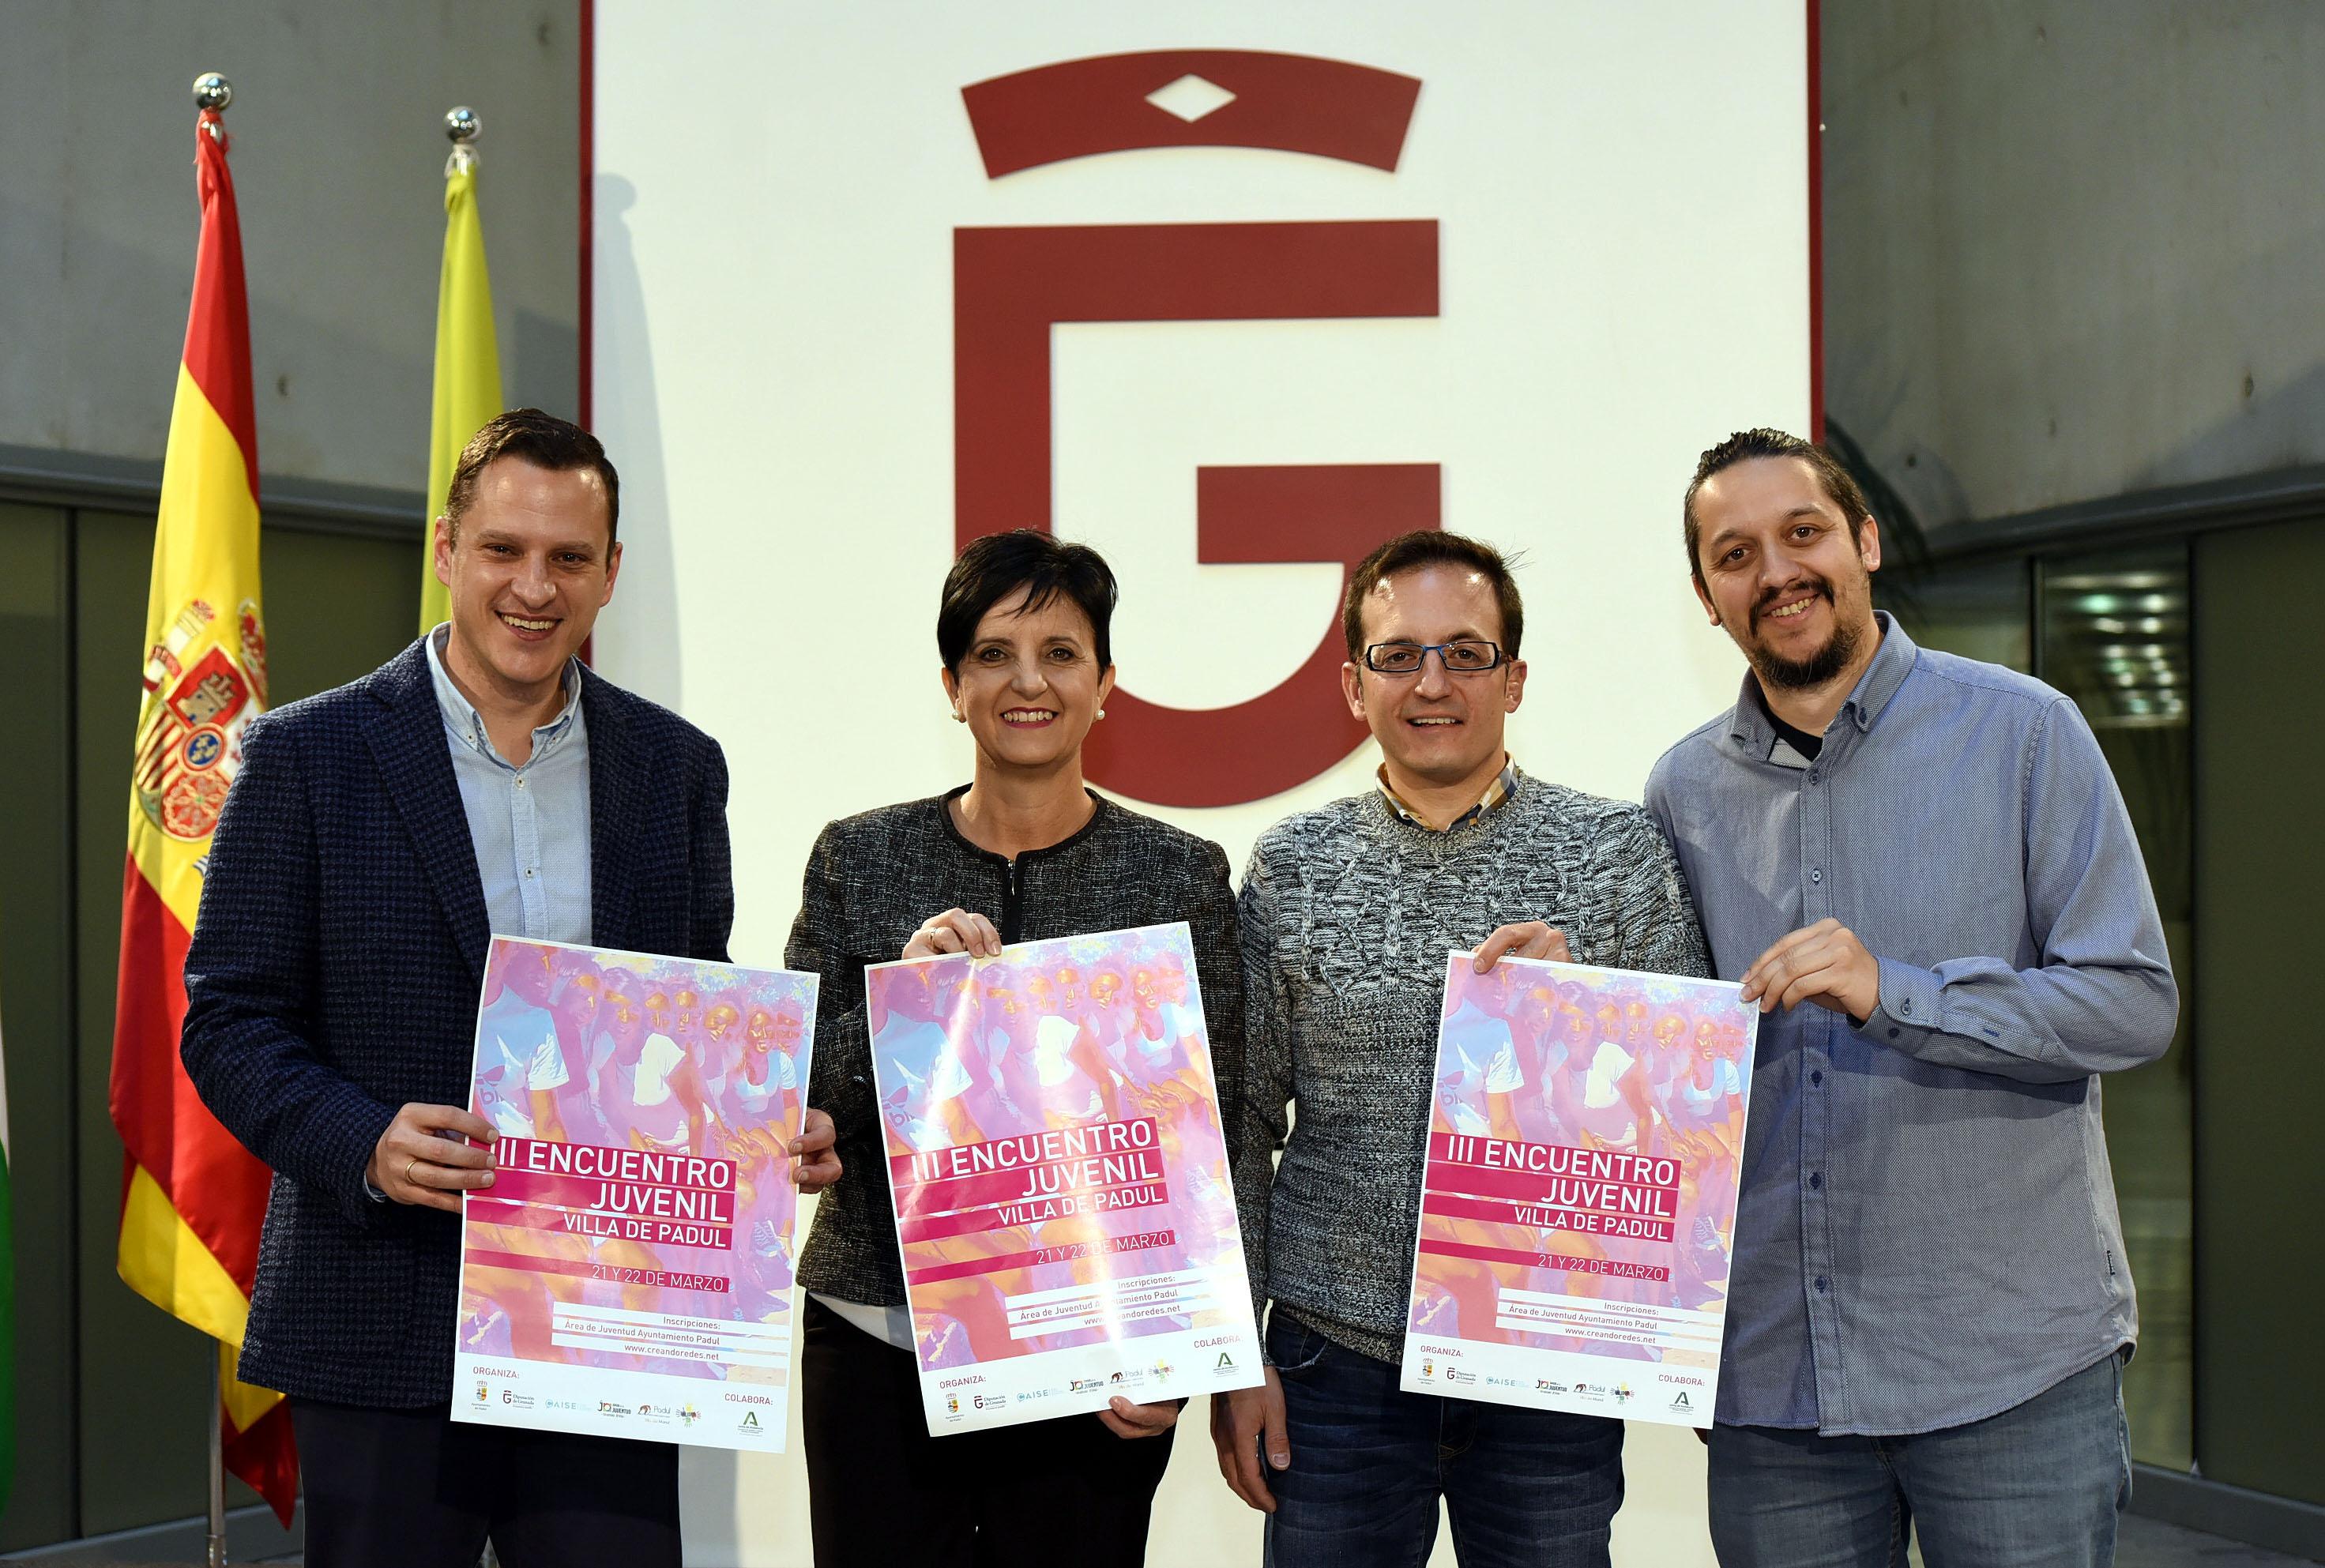 El Padul organiza un encuentro para fomentar la participación juvenil